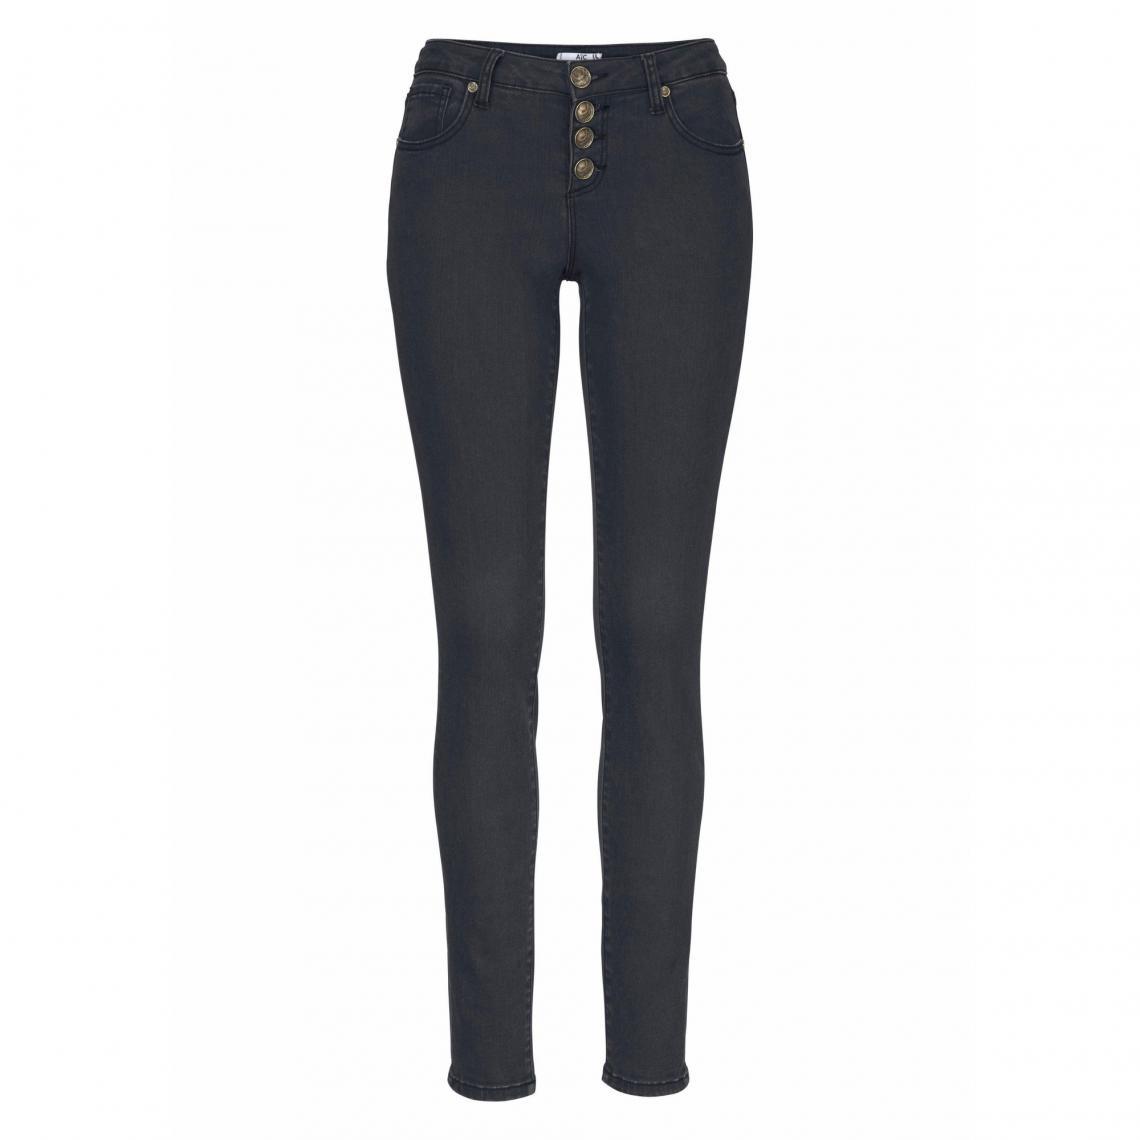 3b8122033ea2a Pantalon skinny coton stretch femme AJC - Noir   3 SUISSES